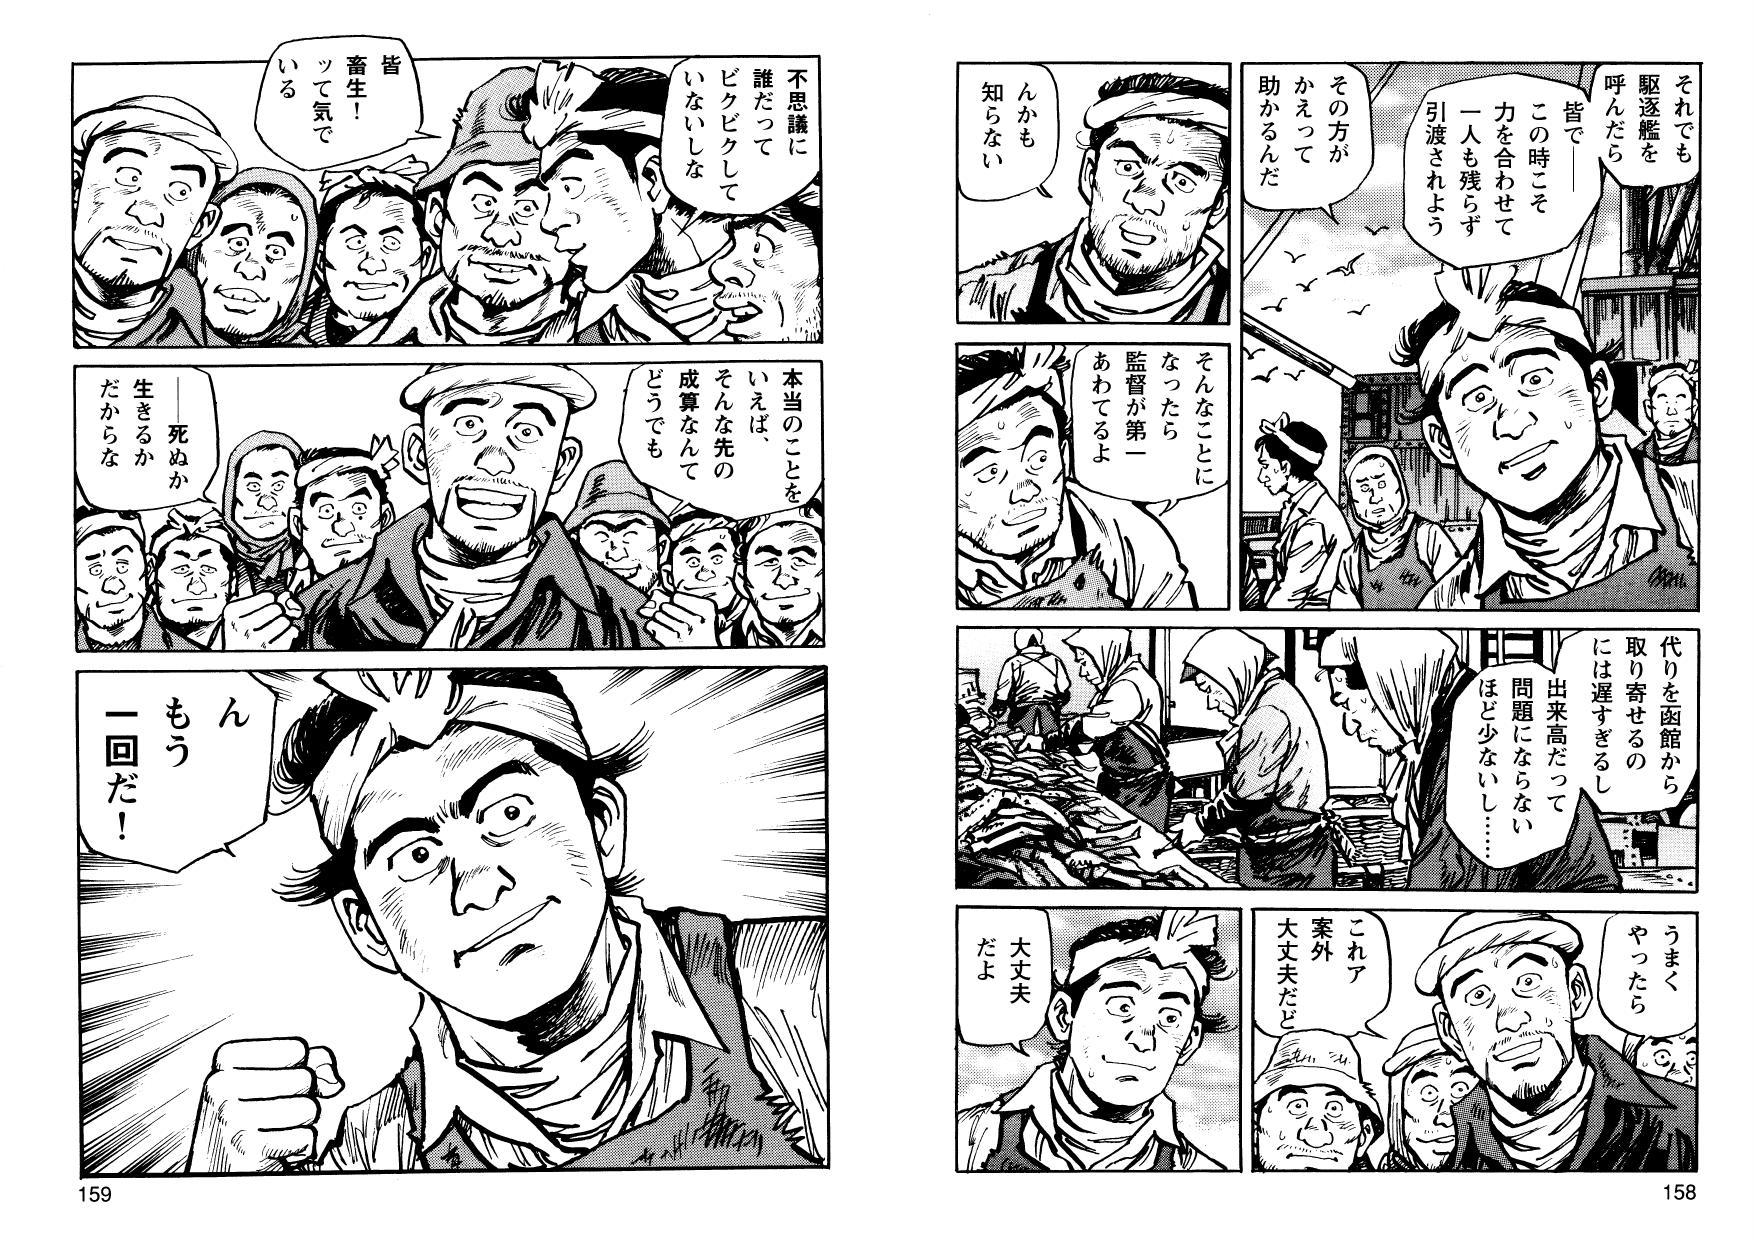 kani_cmc_000080.jpg